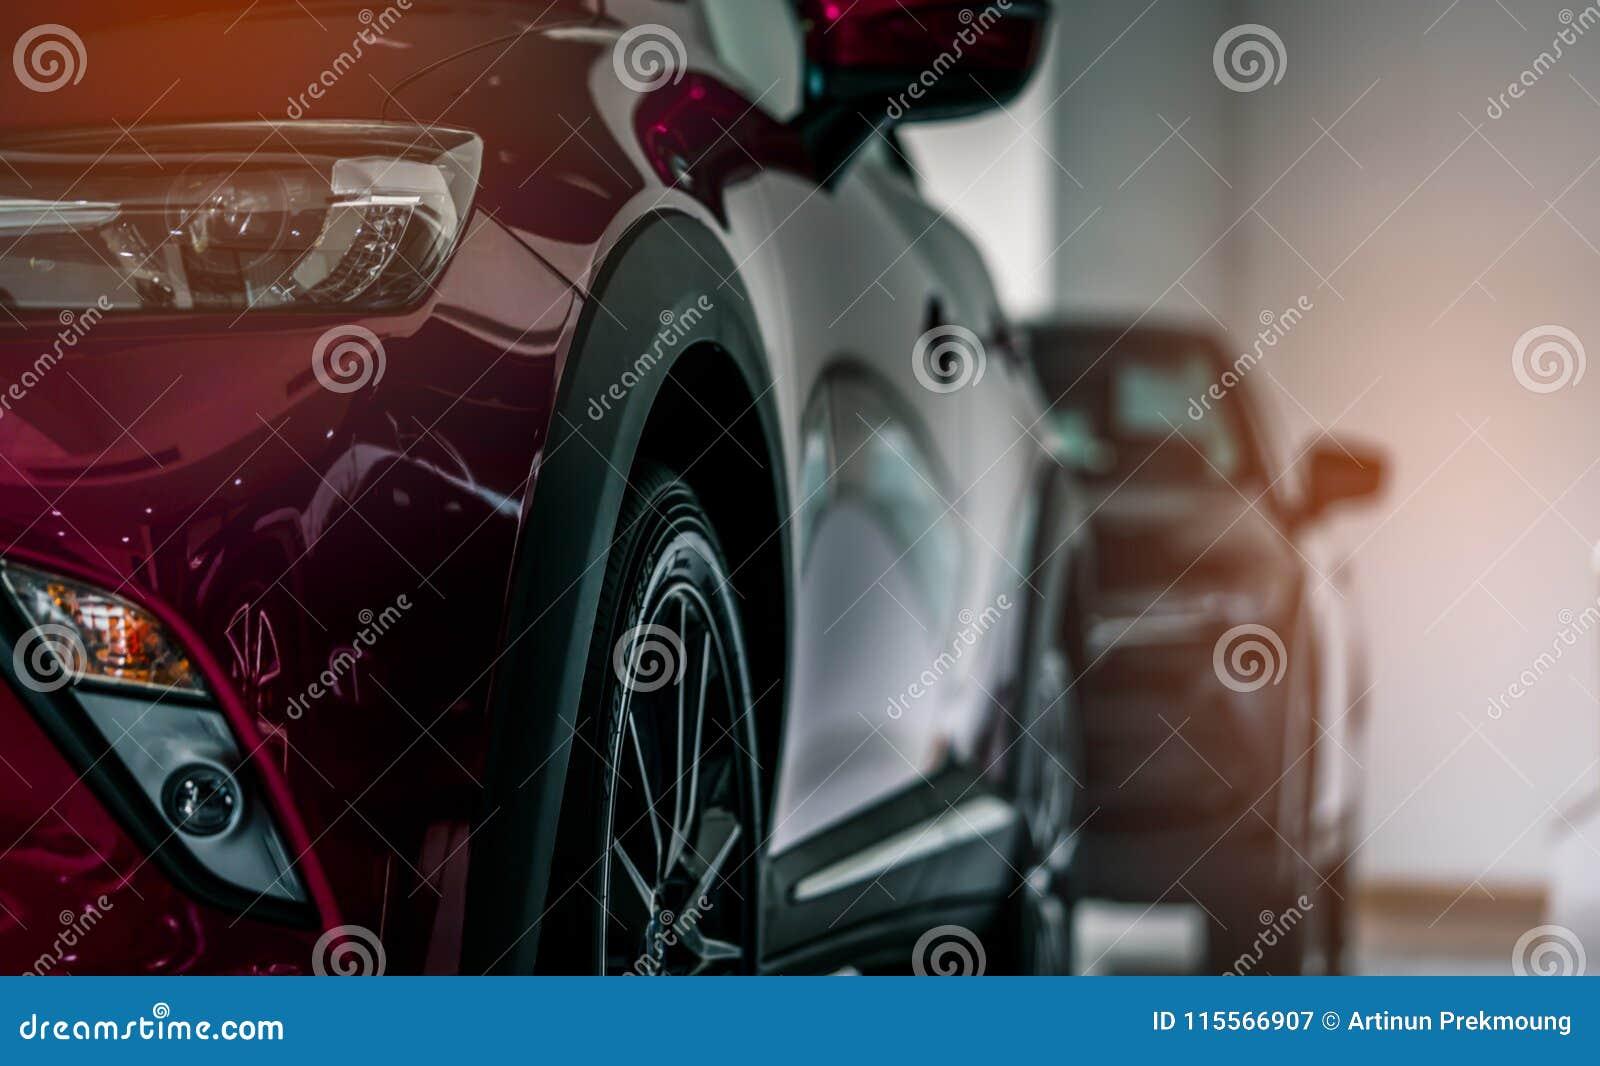 红色新的豪华SUV小型客车在现代陈列室里停放了待售 售车行办公室 汽车零售店 r